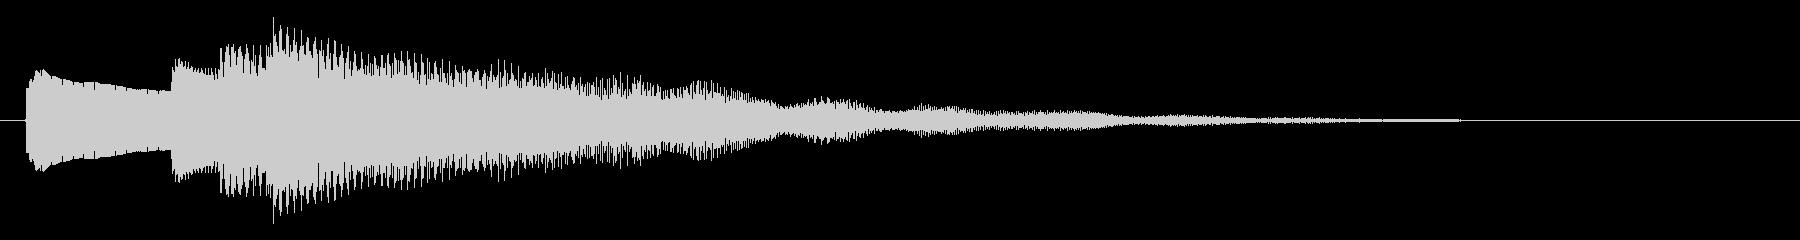 KANT涼しげアイキャッチ092214の未再生の波形